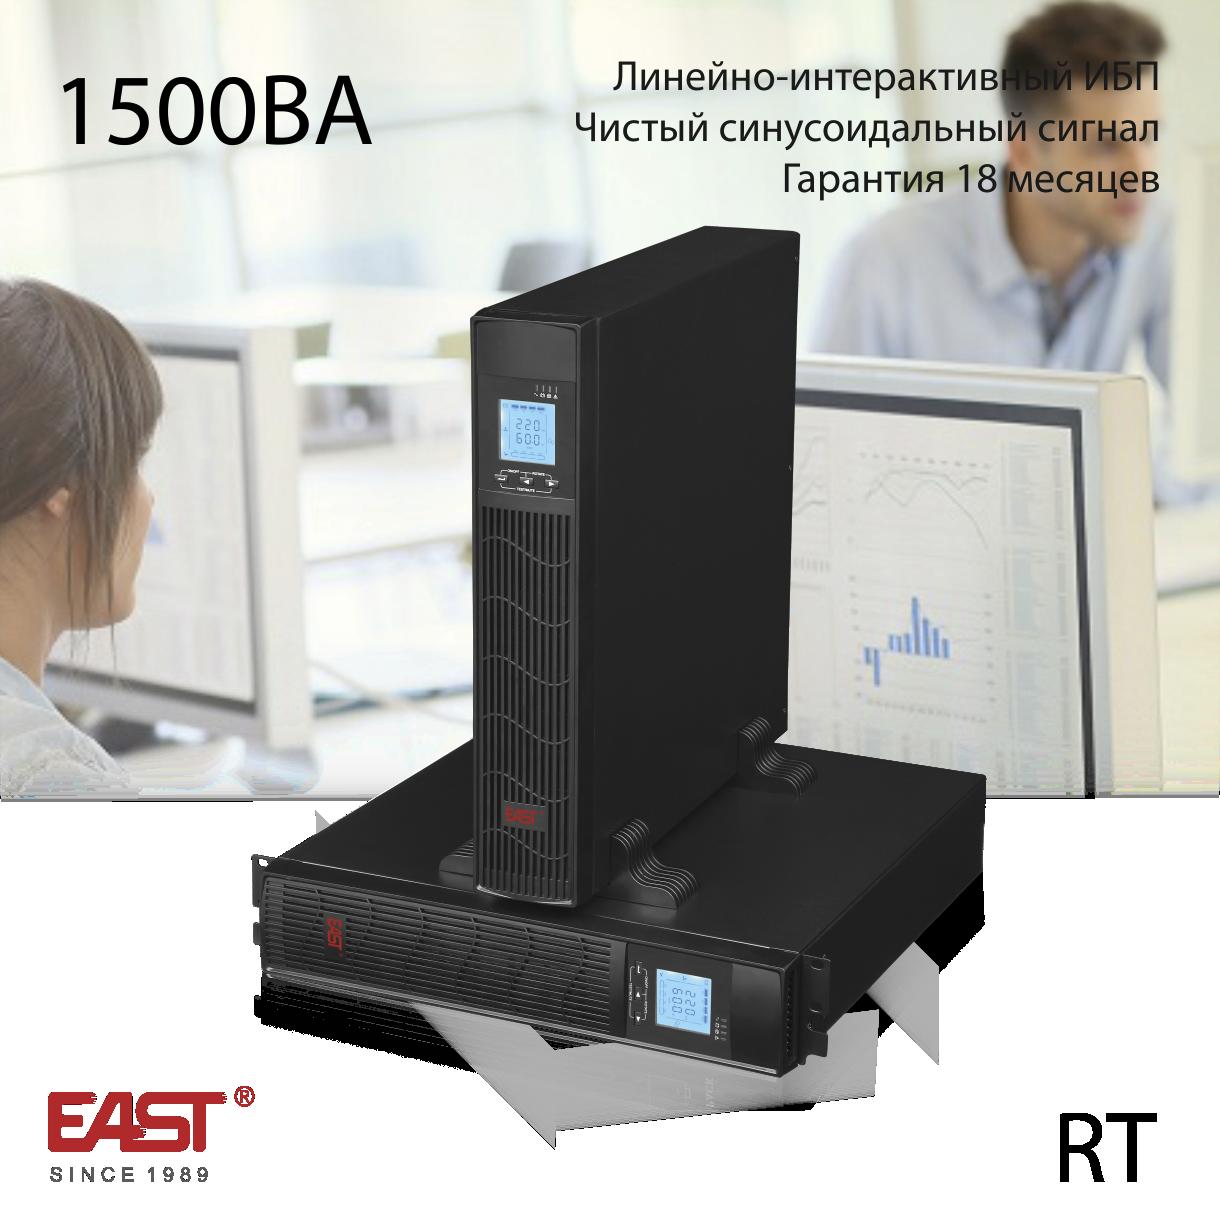 Источник бесперебойного питания, EA600 RT, 1500ВА/1200Вт, в универсальном корпусе RT (башня/стойка)